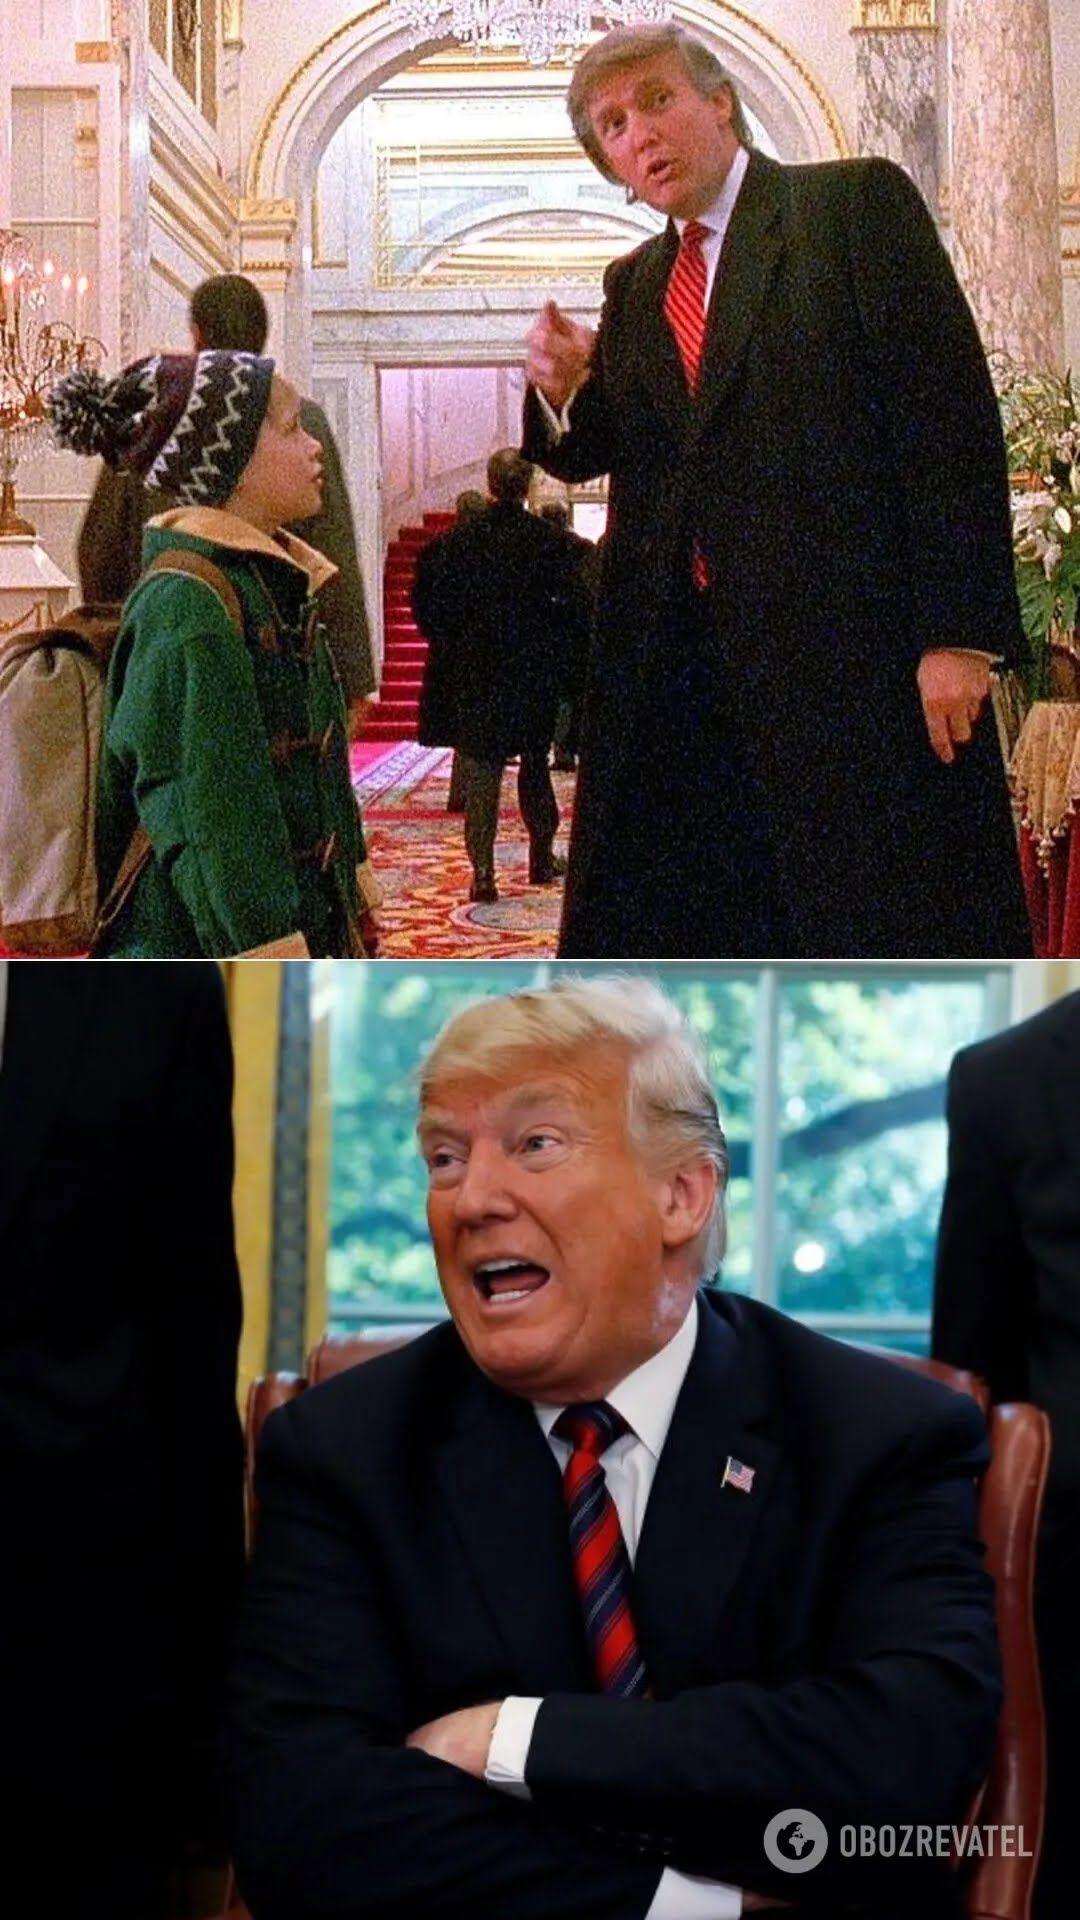 Шоумен Дональд Трамп – 45-й и действующий президент США